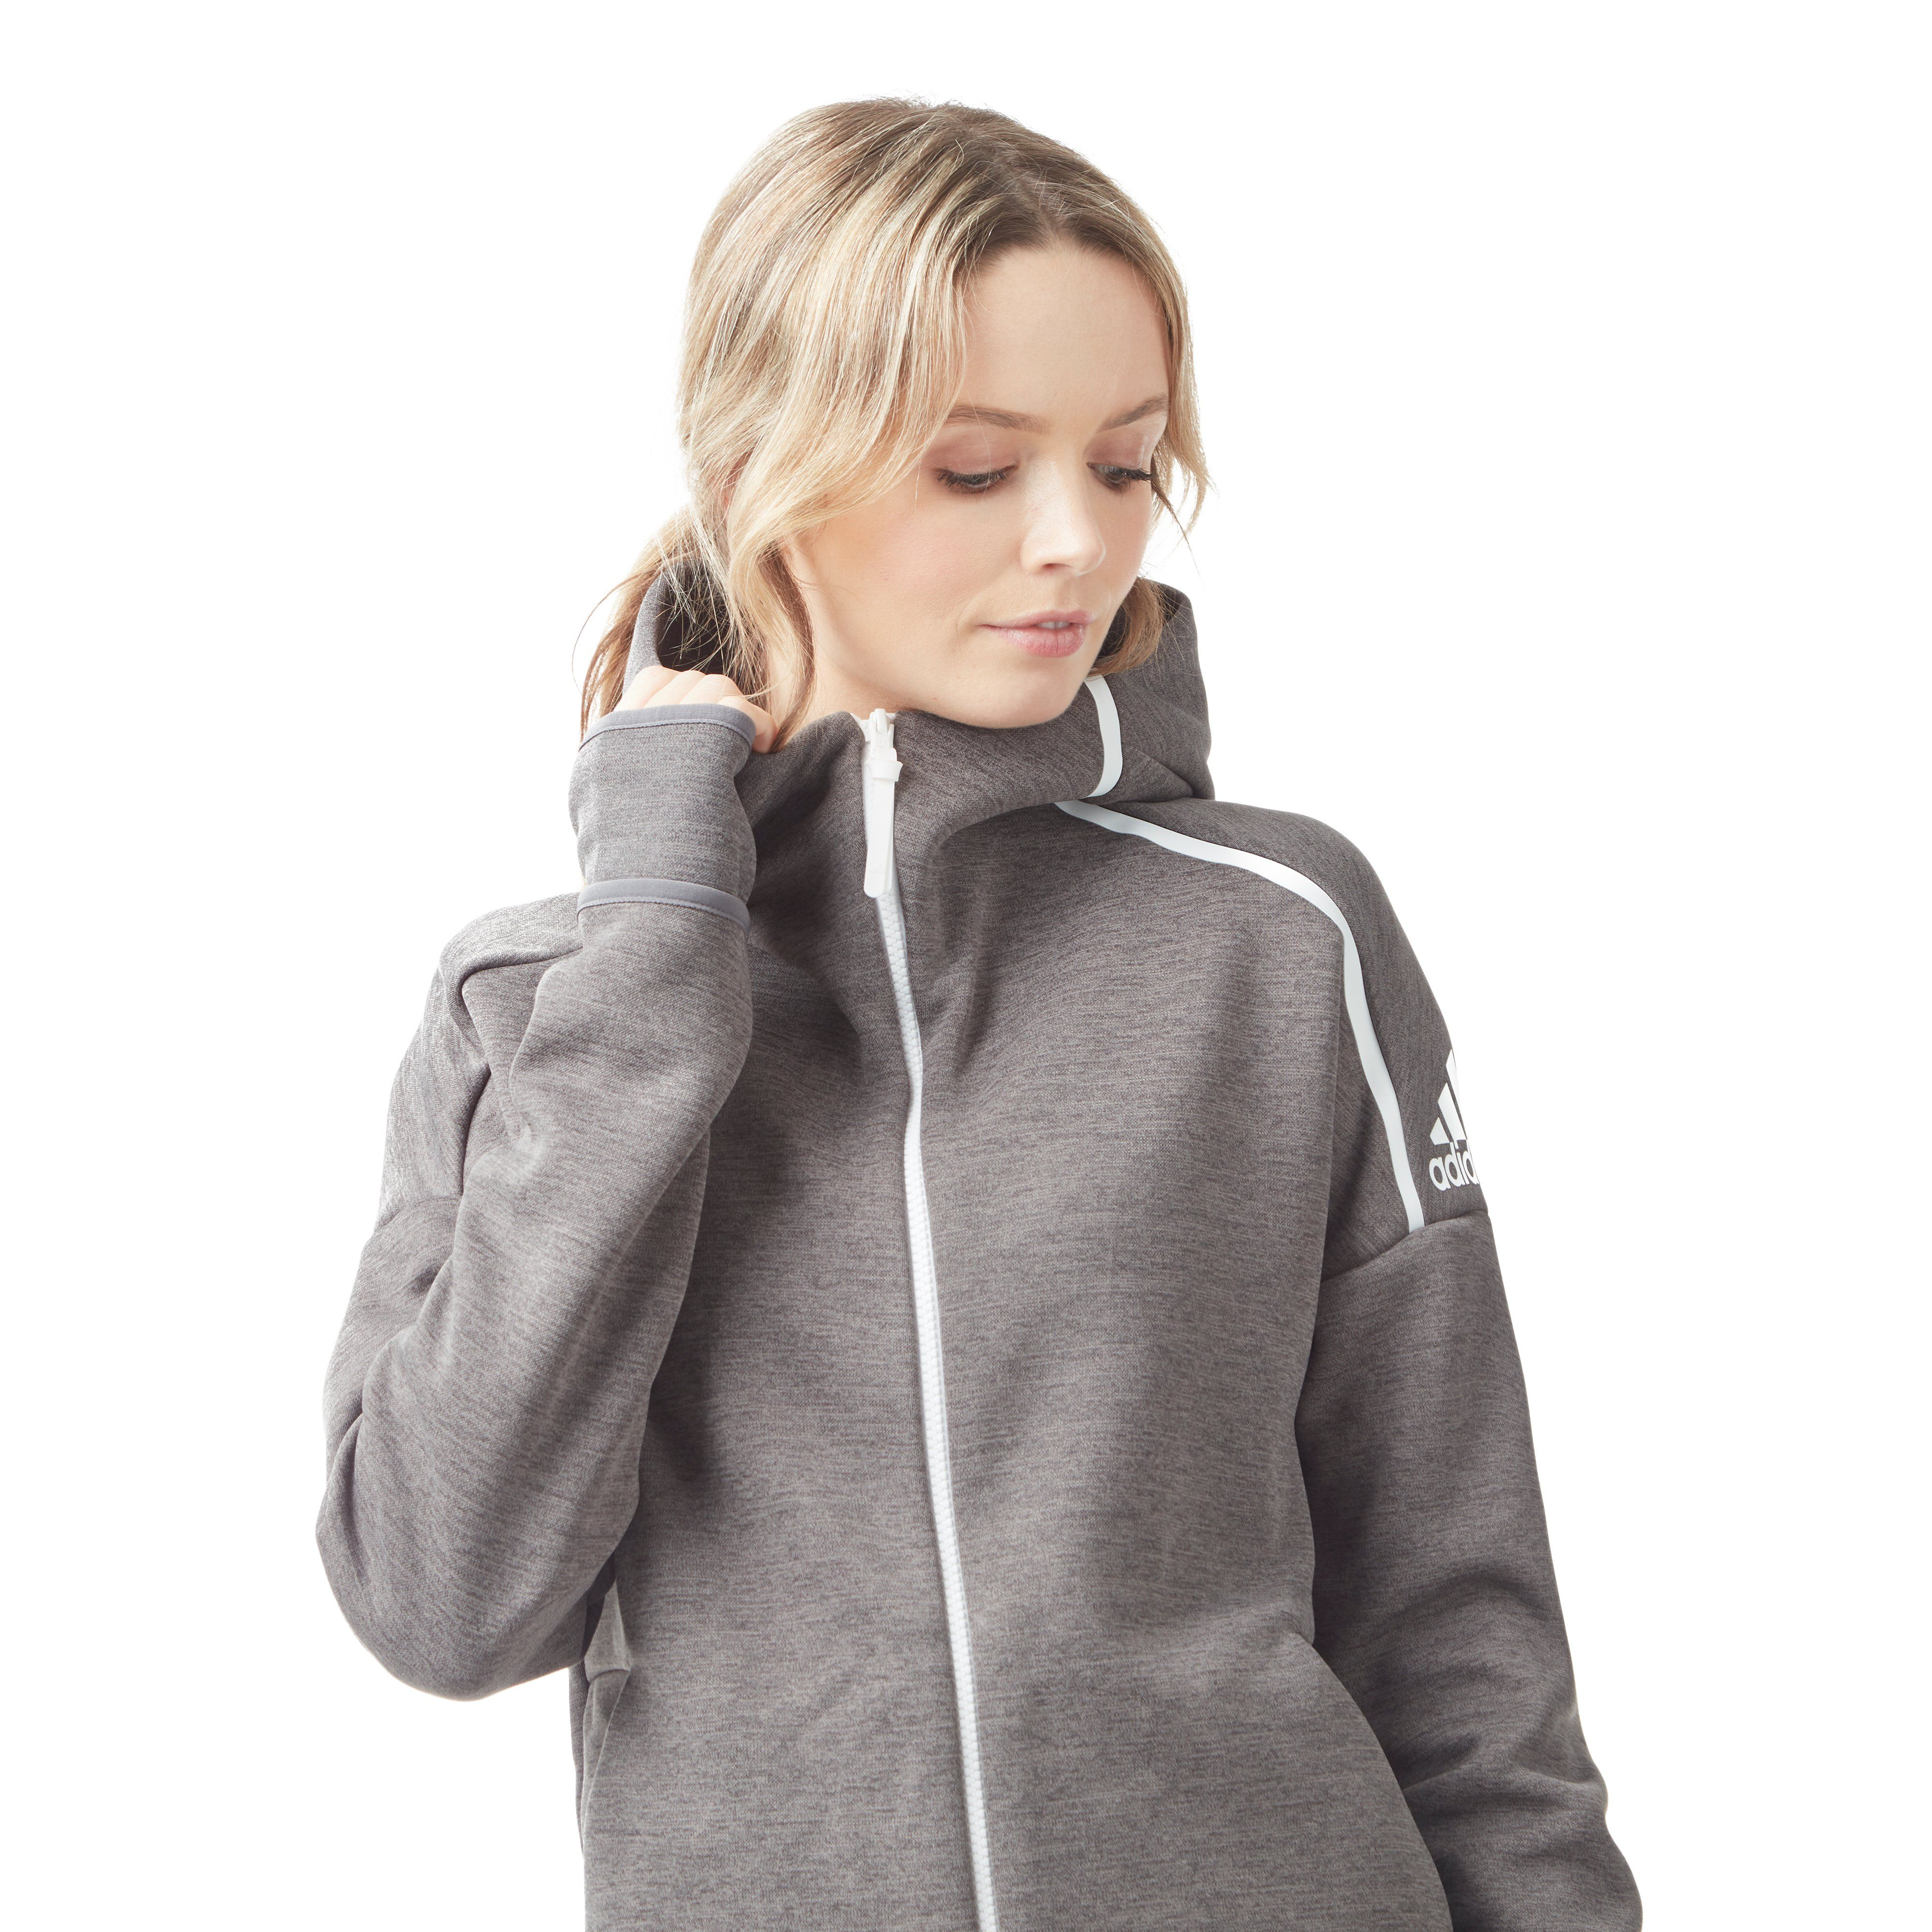 adidas Z.N.E Women's Tennis Hooded Jacket